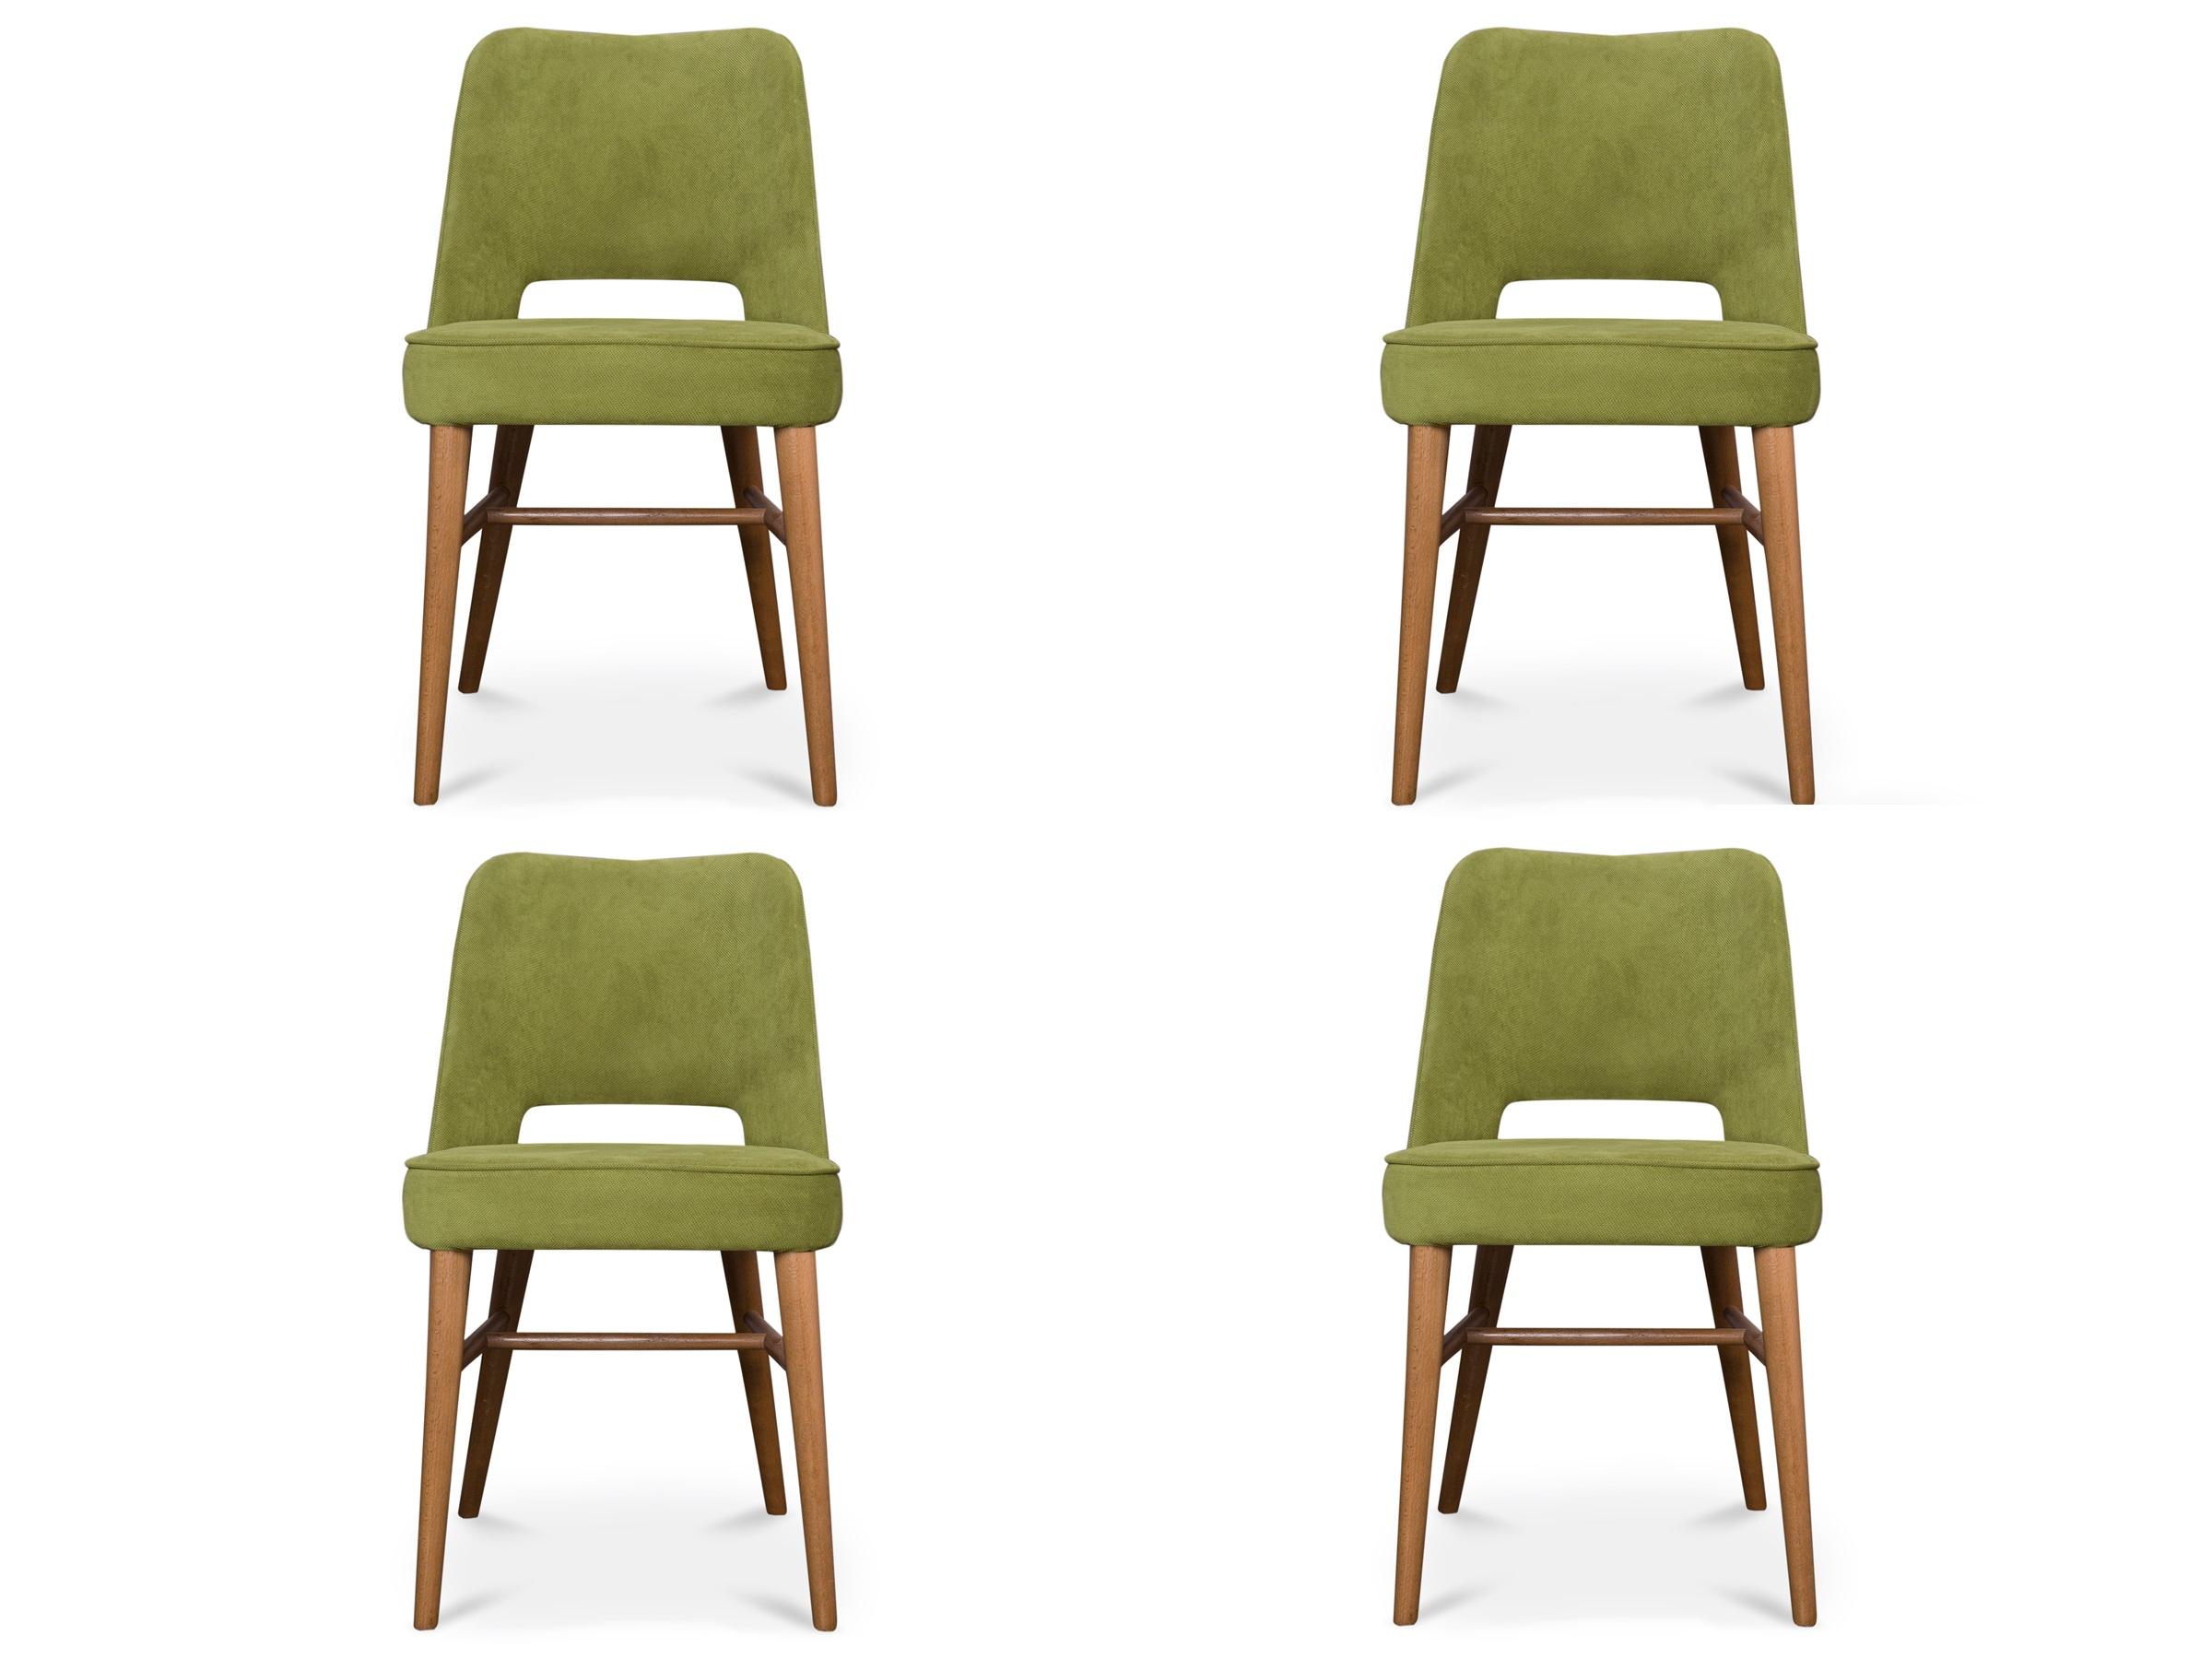 Комплект из 4 стульев AkselКомплекты<br>Aksel взял лучшее из двух миров: крепкие материалы и выразительный дизайн в стиле &amp;quot;hygge&amp;quot;.&amp;lt;div&amp;gt;Гладкий проем между мягким сидением и усиленной спинкой добавляет необходимый штрих традиционной форме, &amp;amp;nbsp;а выносливая обивка и ореховый каркас сослужат вам хорошую службу,&amp;lt;div&amp;gt;&amp;lt;/div&amp;gt;&amp;lt;/div&amp;gt;&amp;lt;div&amp;gt;&amp;lt;br&amp;gt;&amp;lt;/div&amp;gt;&amp;lt;div&amp;gt;Высота сидения: 48 см.&amp;lt;br&amp;gt;&amp;lt;/div&amp;gt;<br><br>Material: Текстиль<br>Ширина см: 46<br>Высота см: 82<br>Глубина см: 50